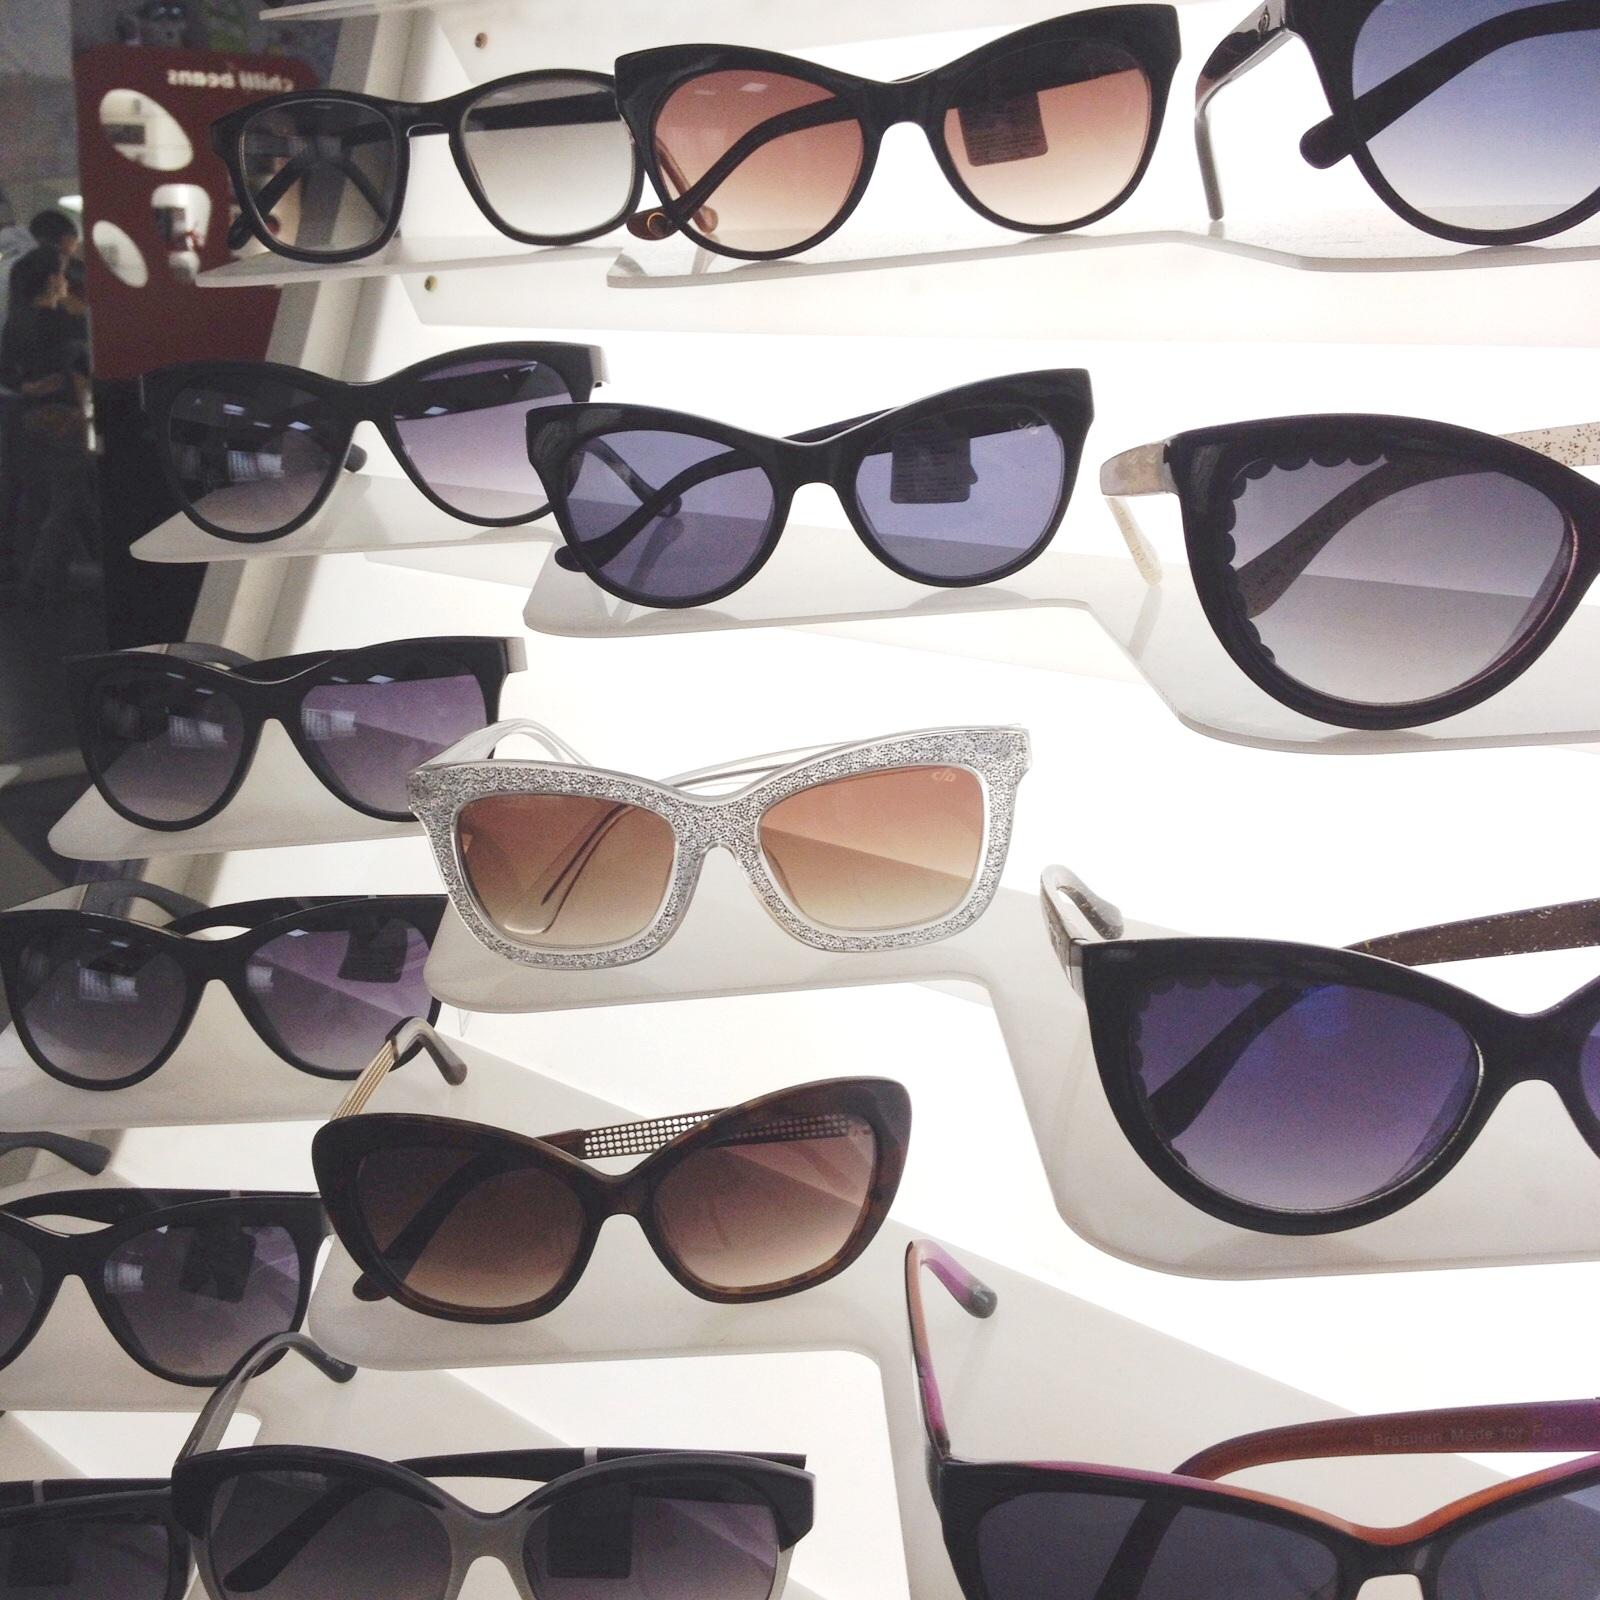 0eb2c201adcf5 A parceria com Rita Lee traz referências pessoais e musicais da cantora,  como os discos voadores nas hastes dos óculos desenhados pela própria Rita  Lee e e ...